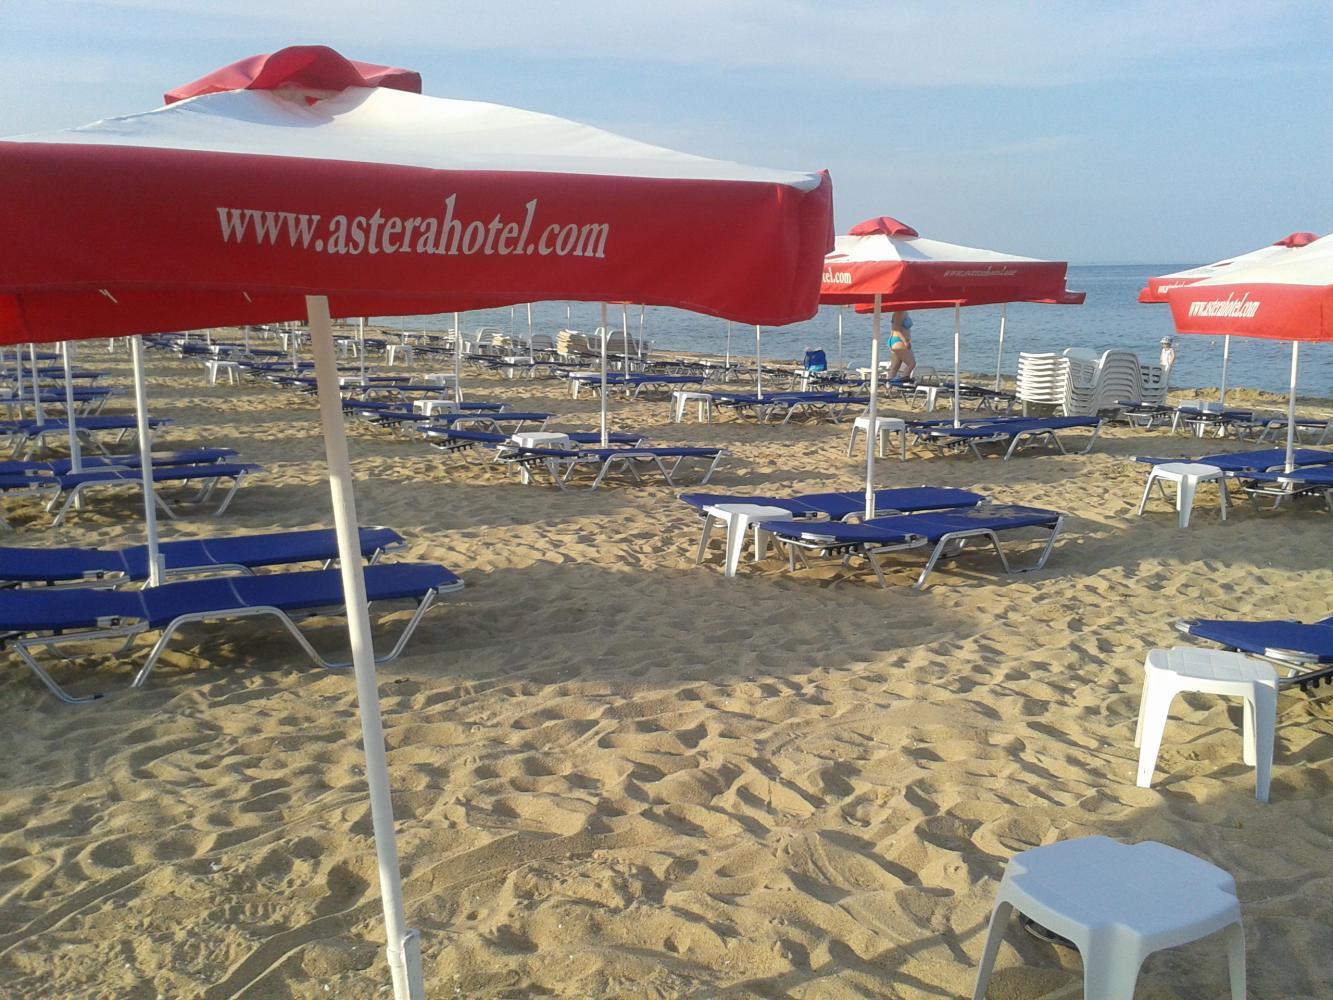 Пляж и лежаки отеля